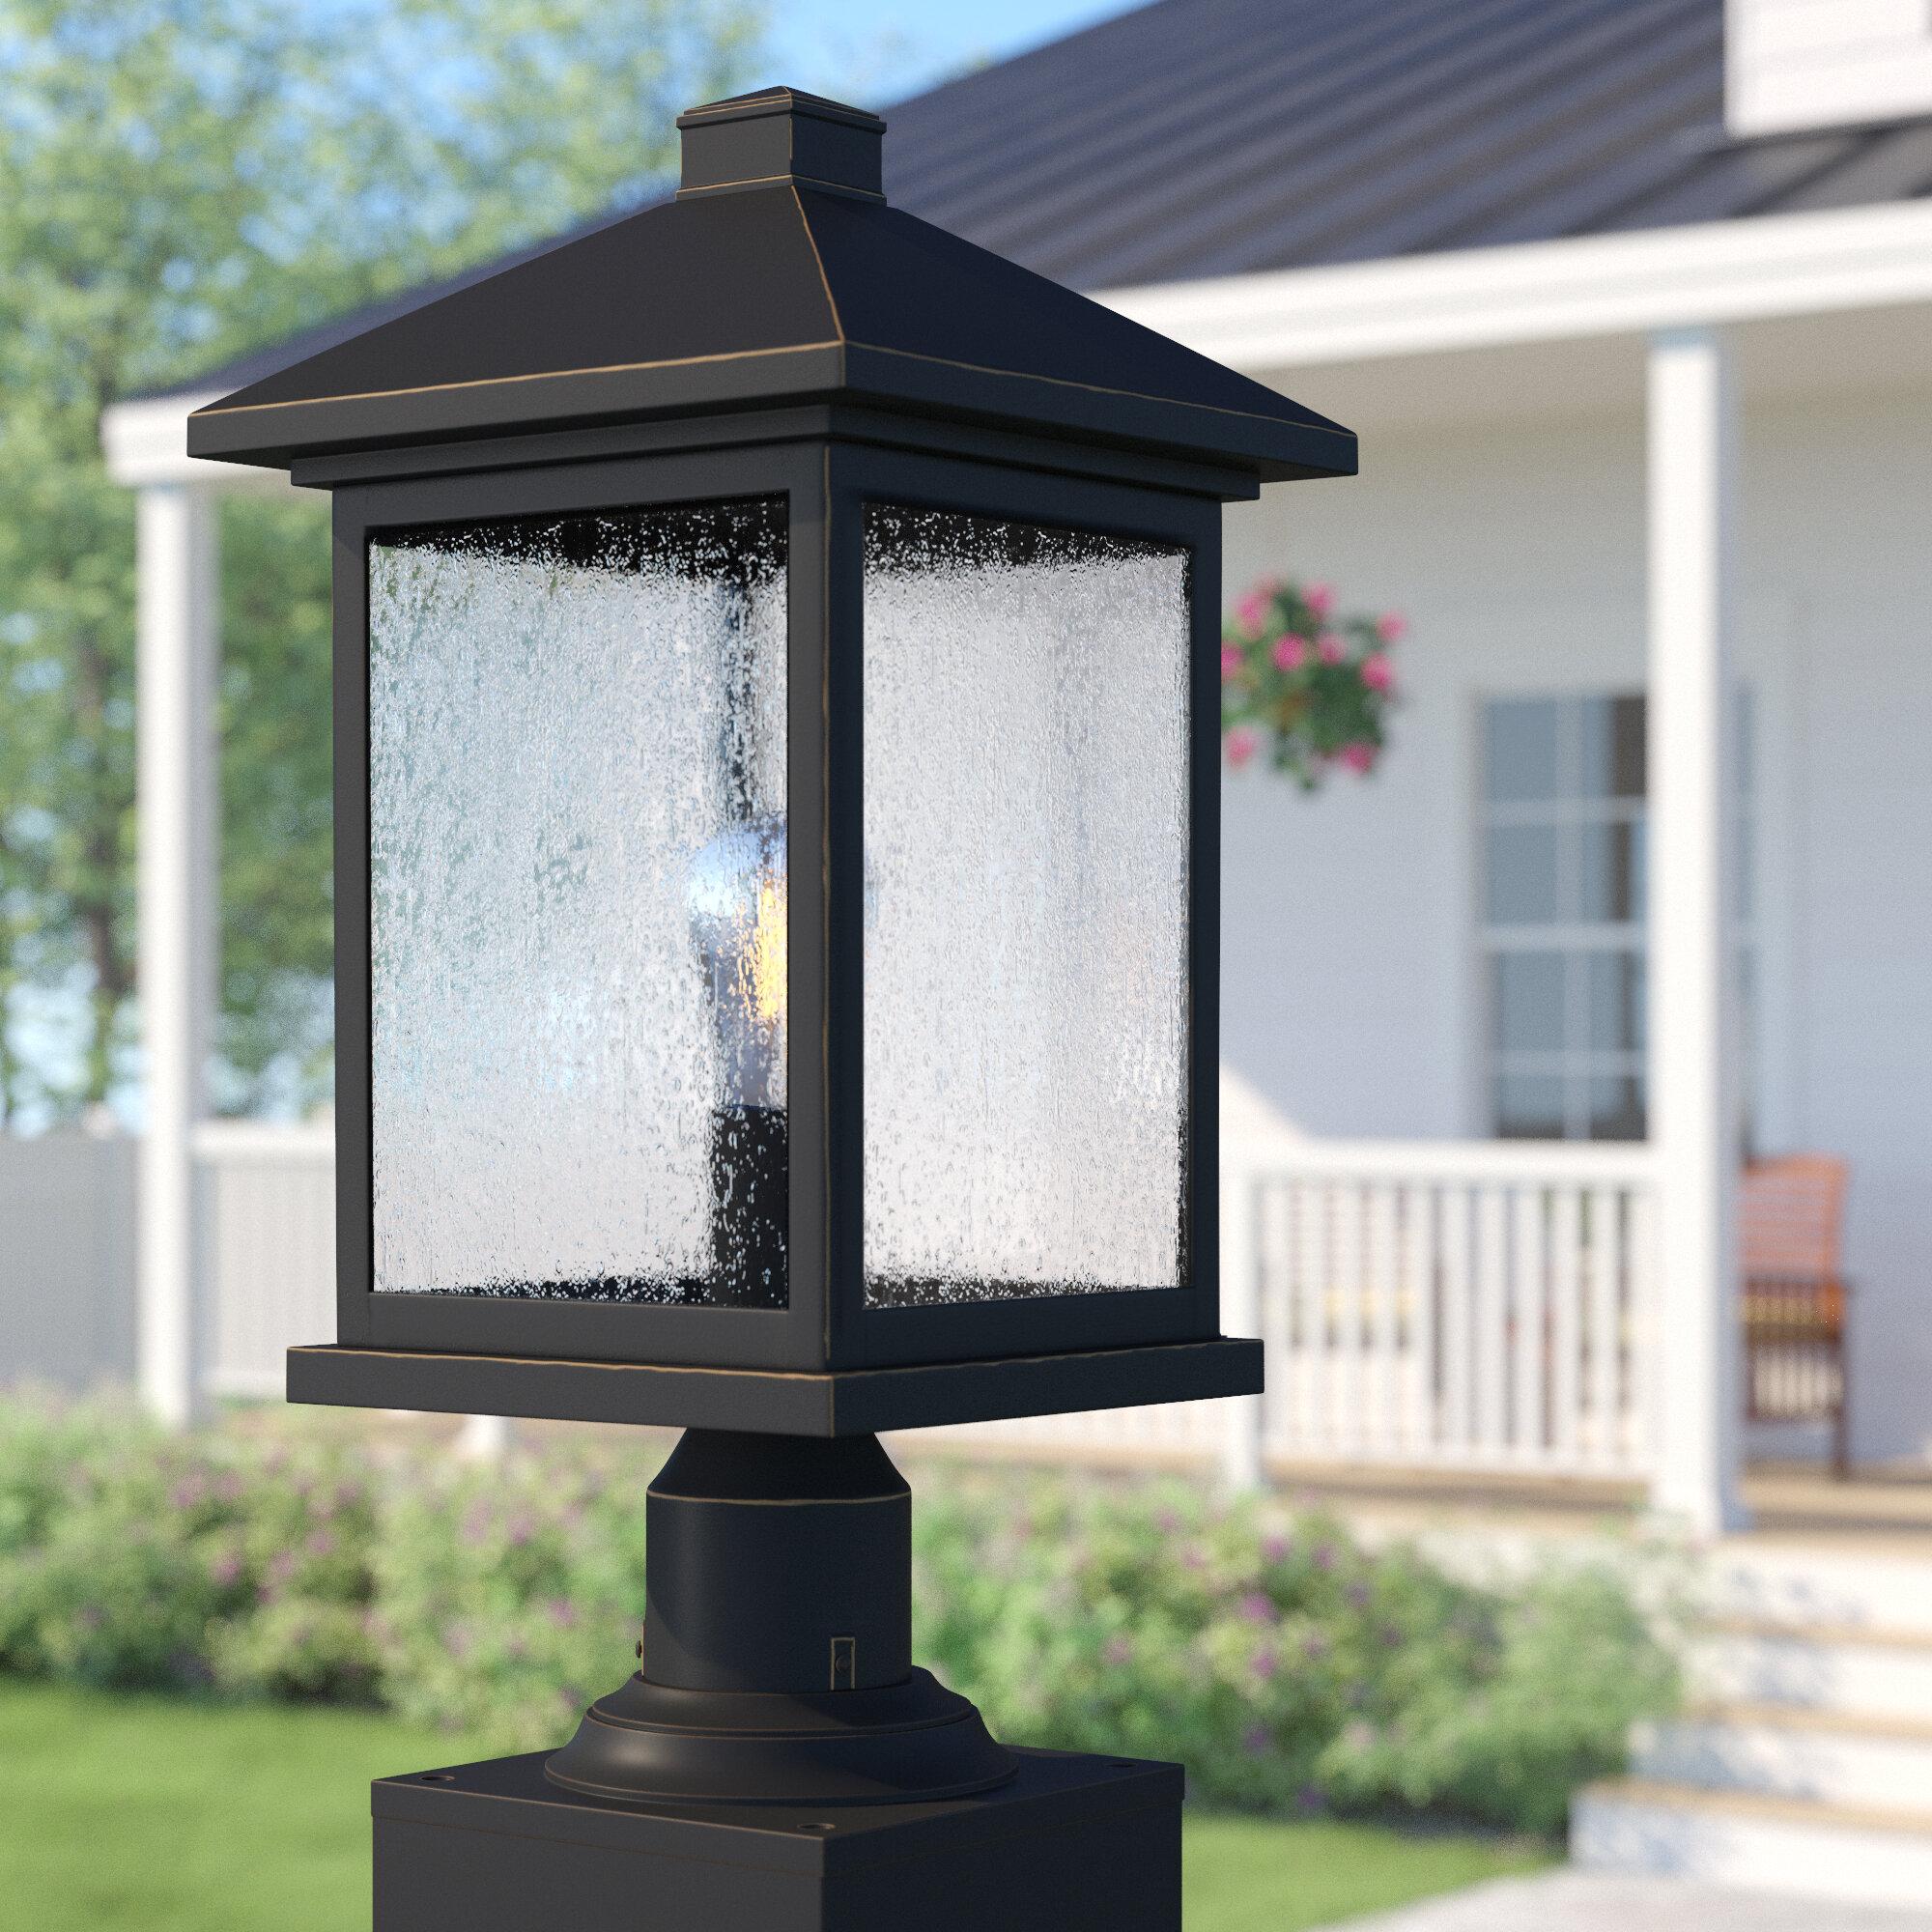 Sol 72 Outdoor Lovette Modern Outdoor 1 Light Glass Shade Pier Mount Light Wayfair